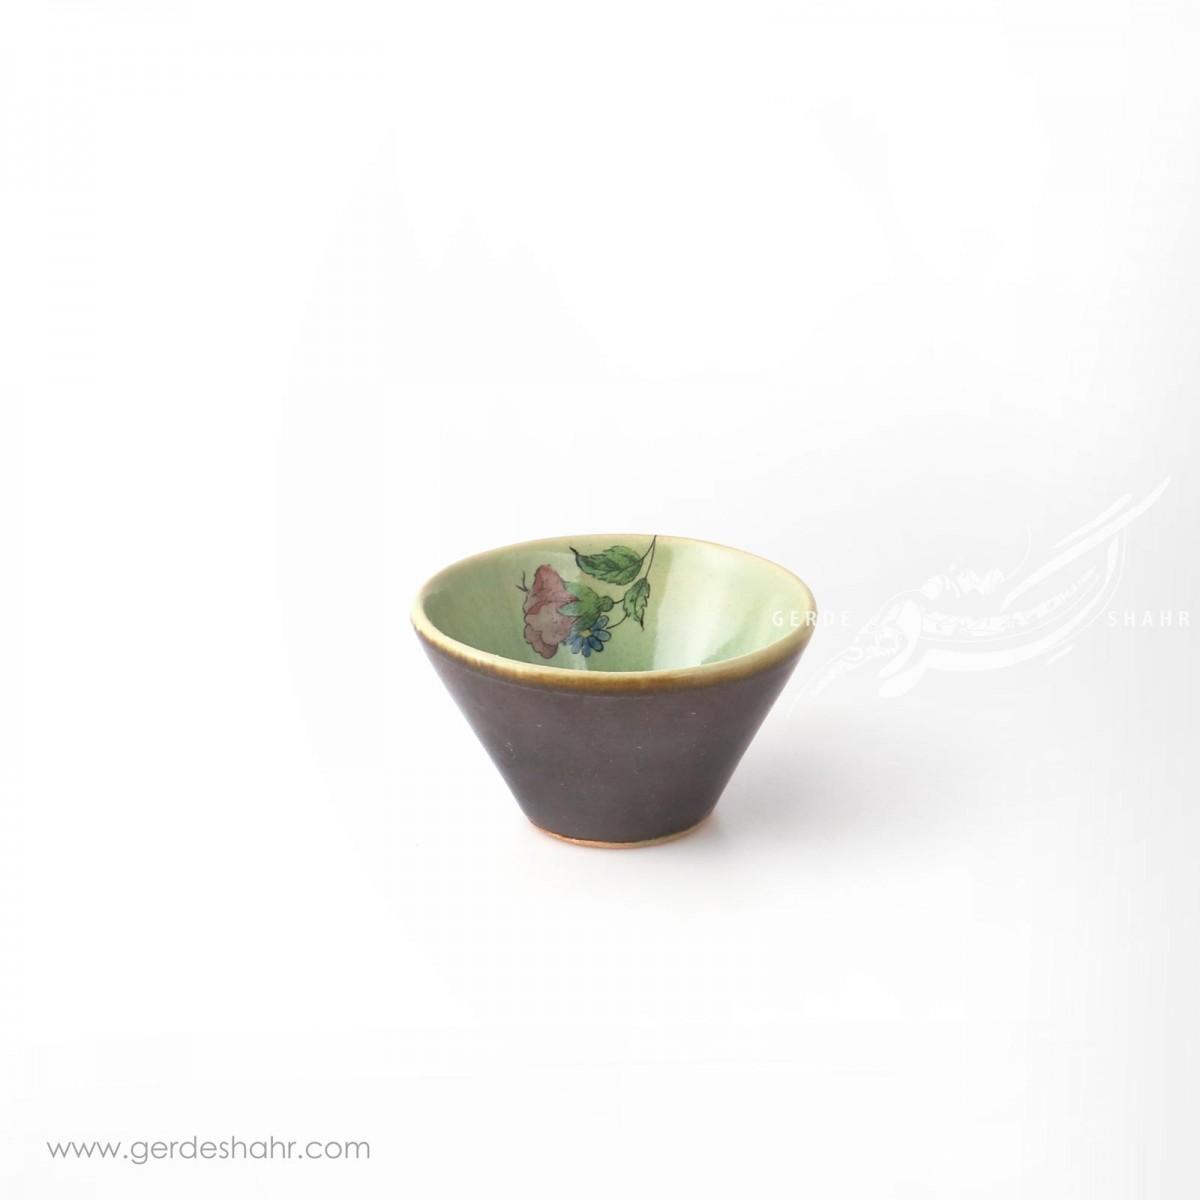 کاسه گود سبز با گل صورتی سایز ۹ ماه فروز محصولات